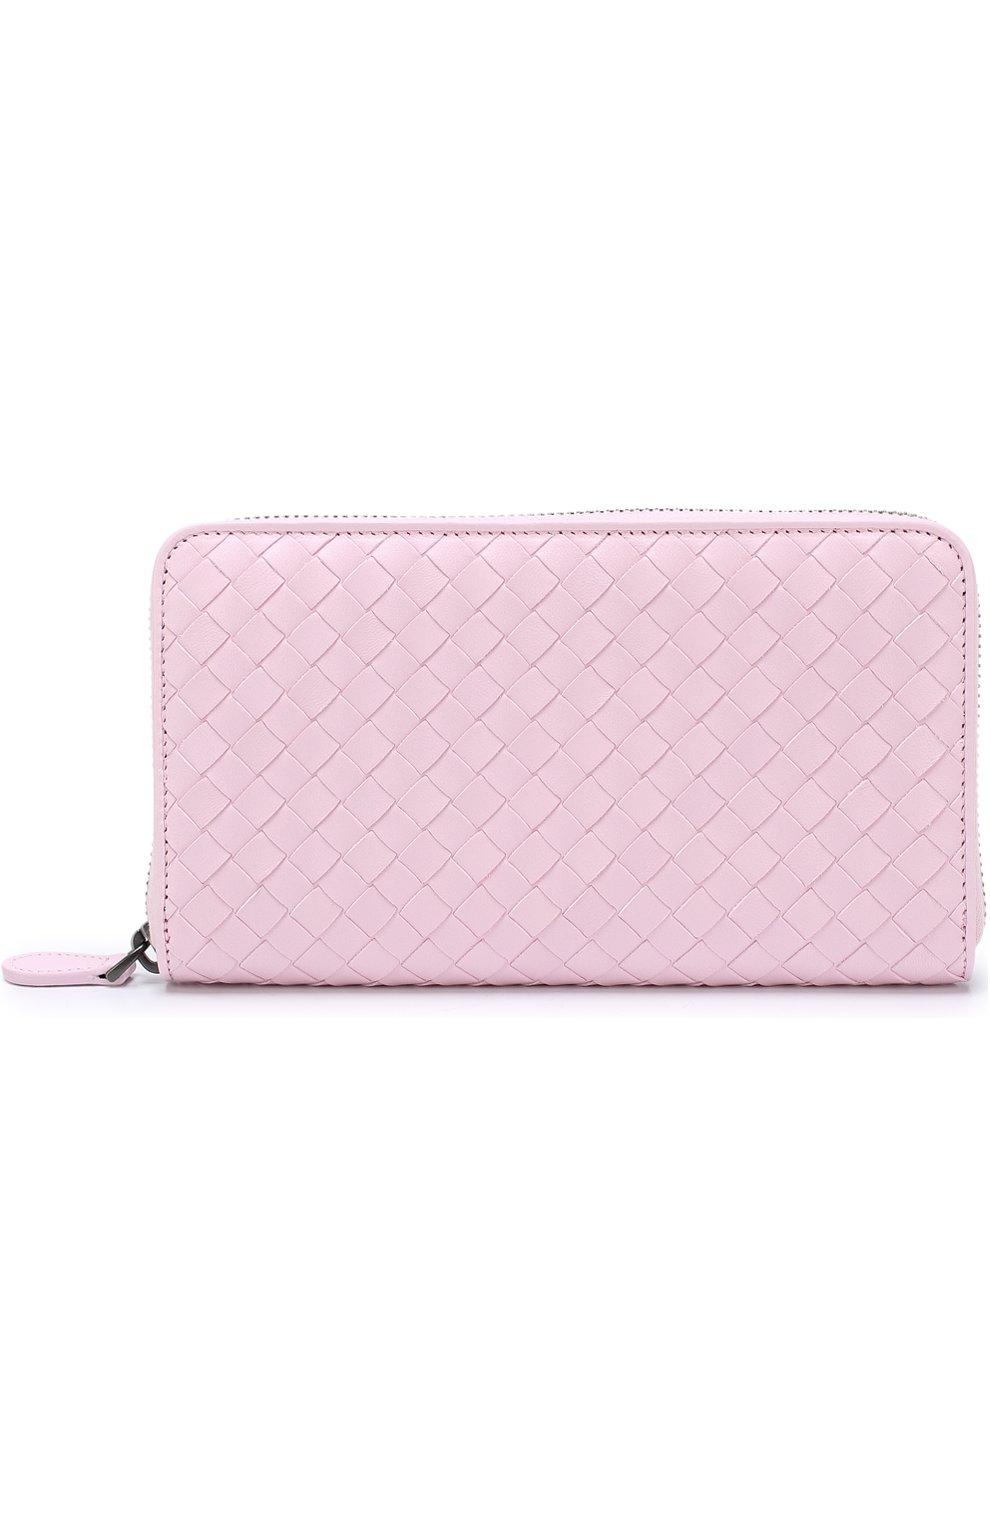 Кожаный кошелек на молнии с плетением intrecciato Bottega Veneta розового цвета | Фото №1